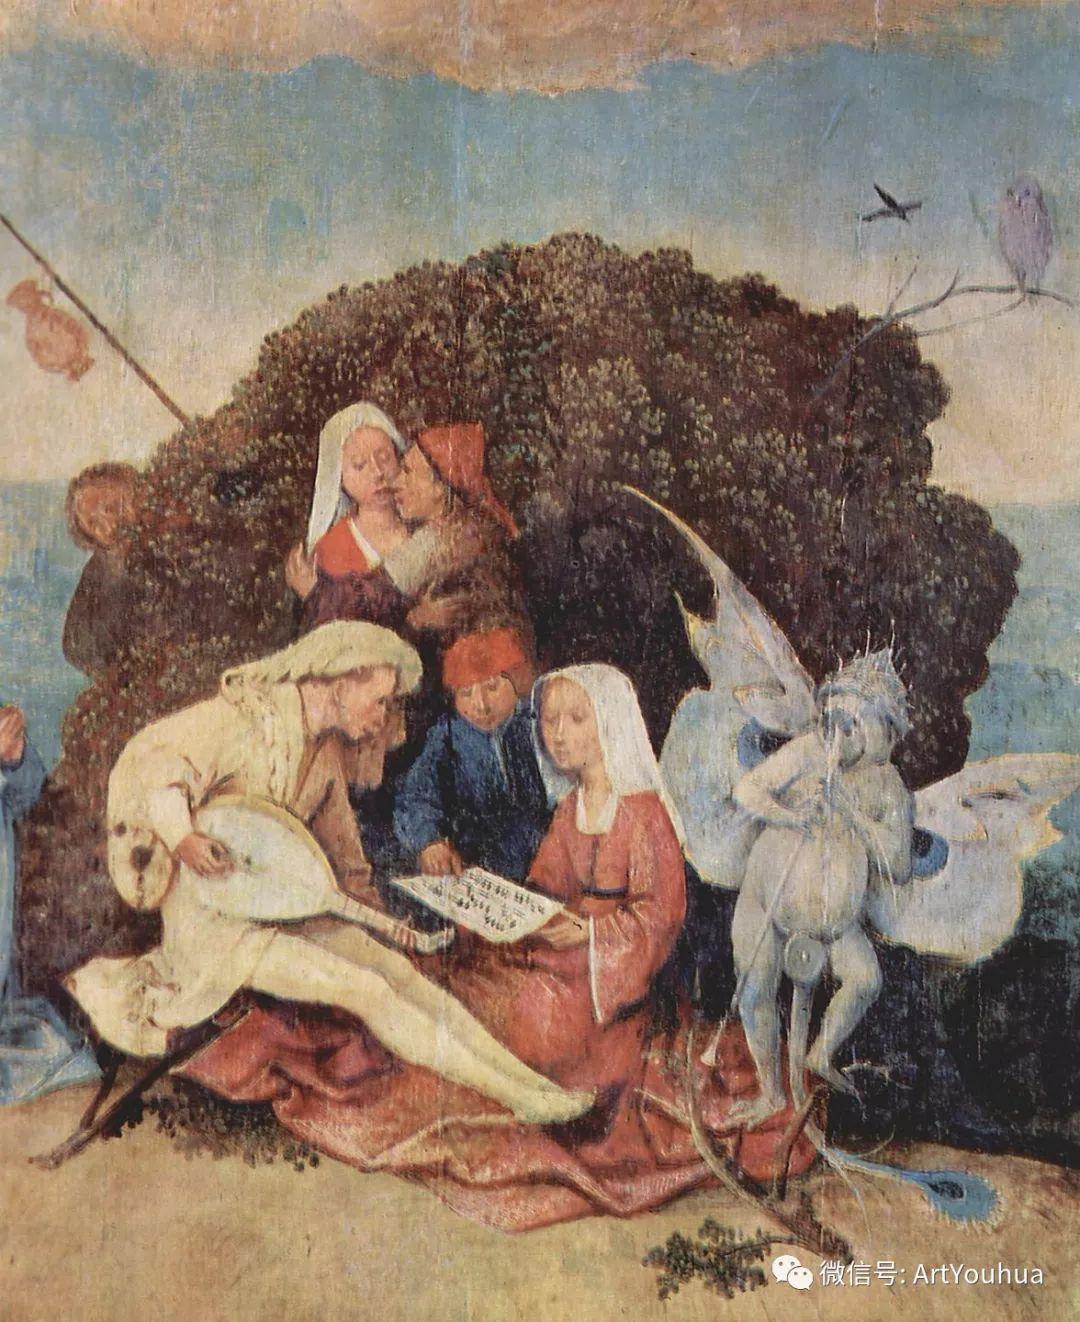 连载No.3 一生要知道的100位世界著名画家之希罗尼穆斯·波希插图37